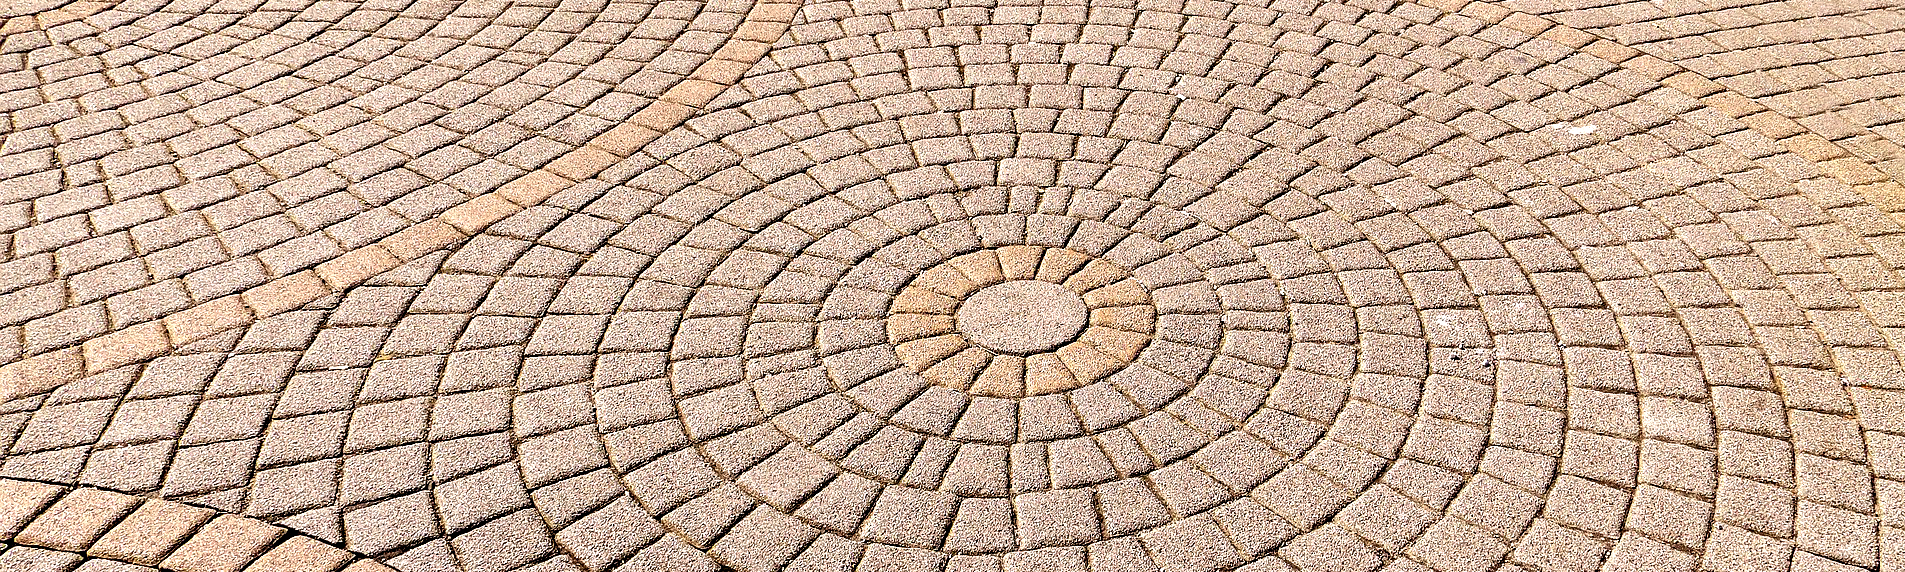 hormigón en círculo